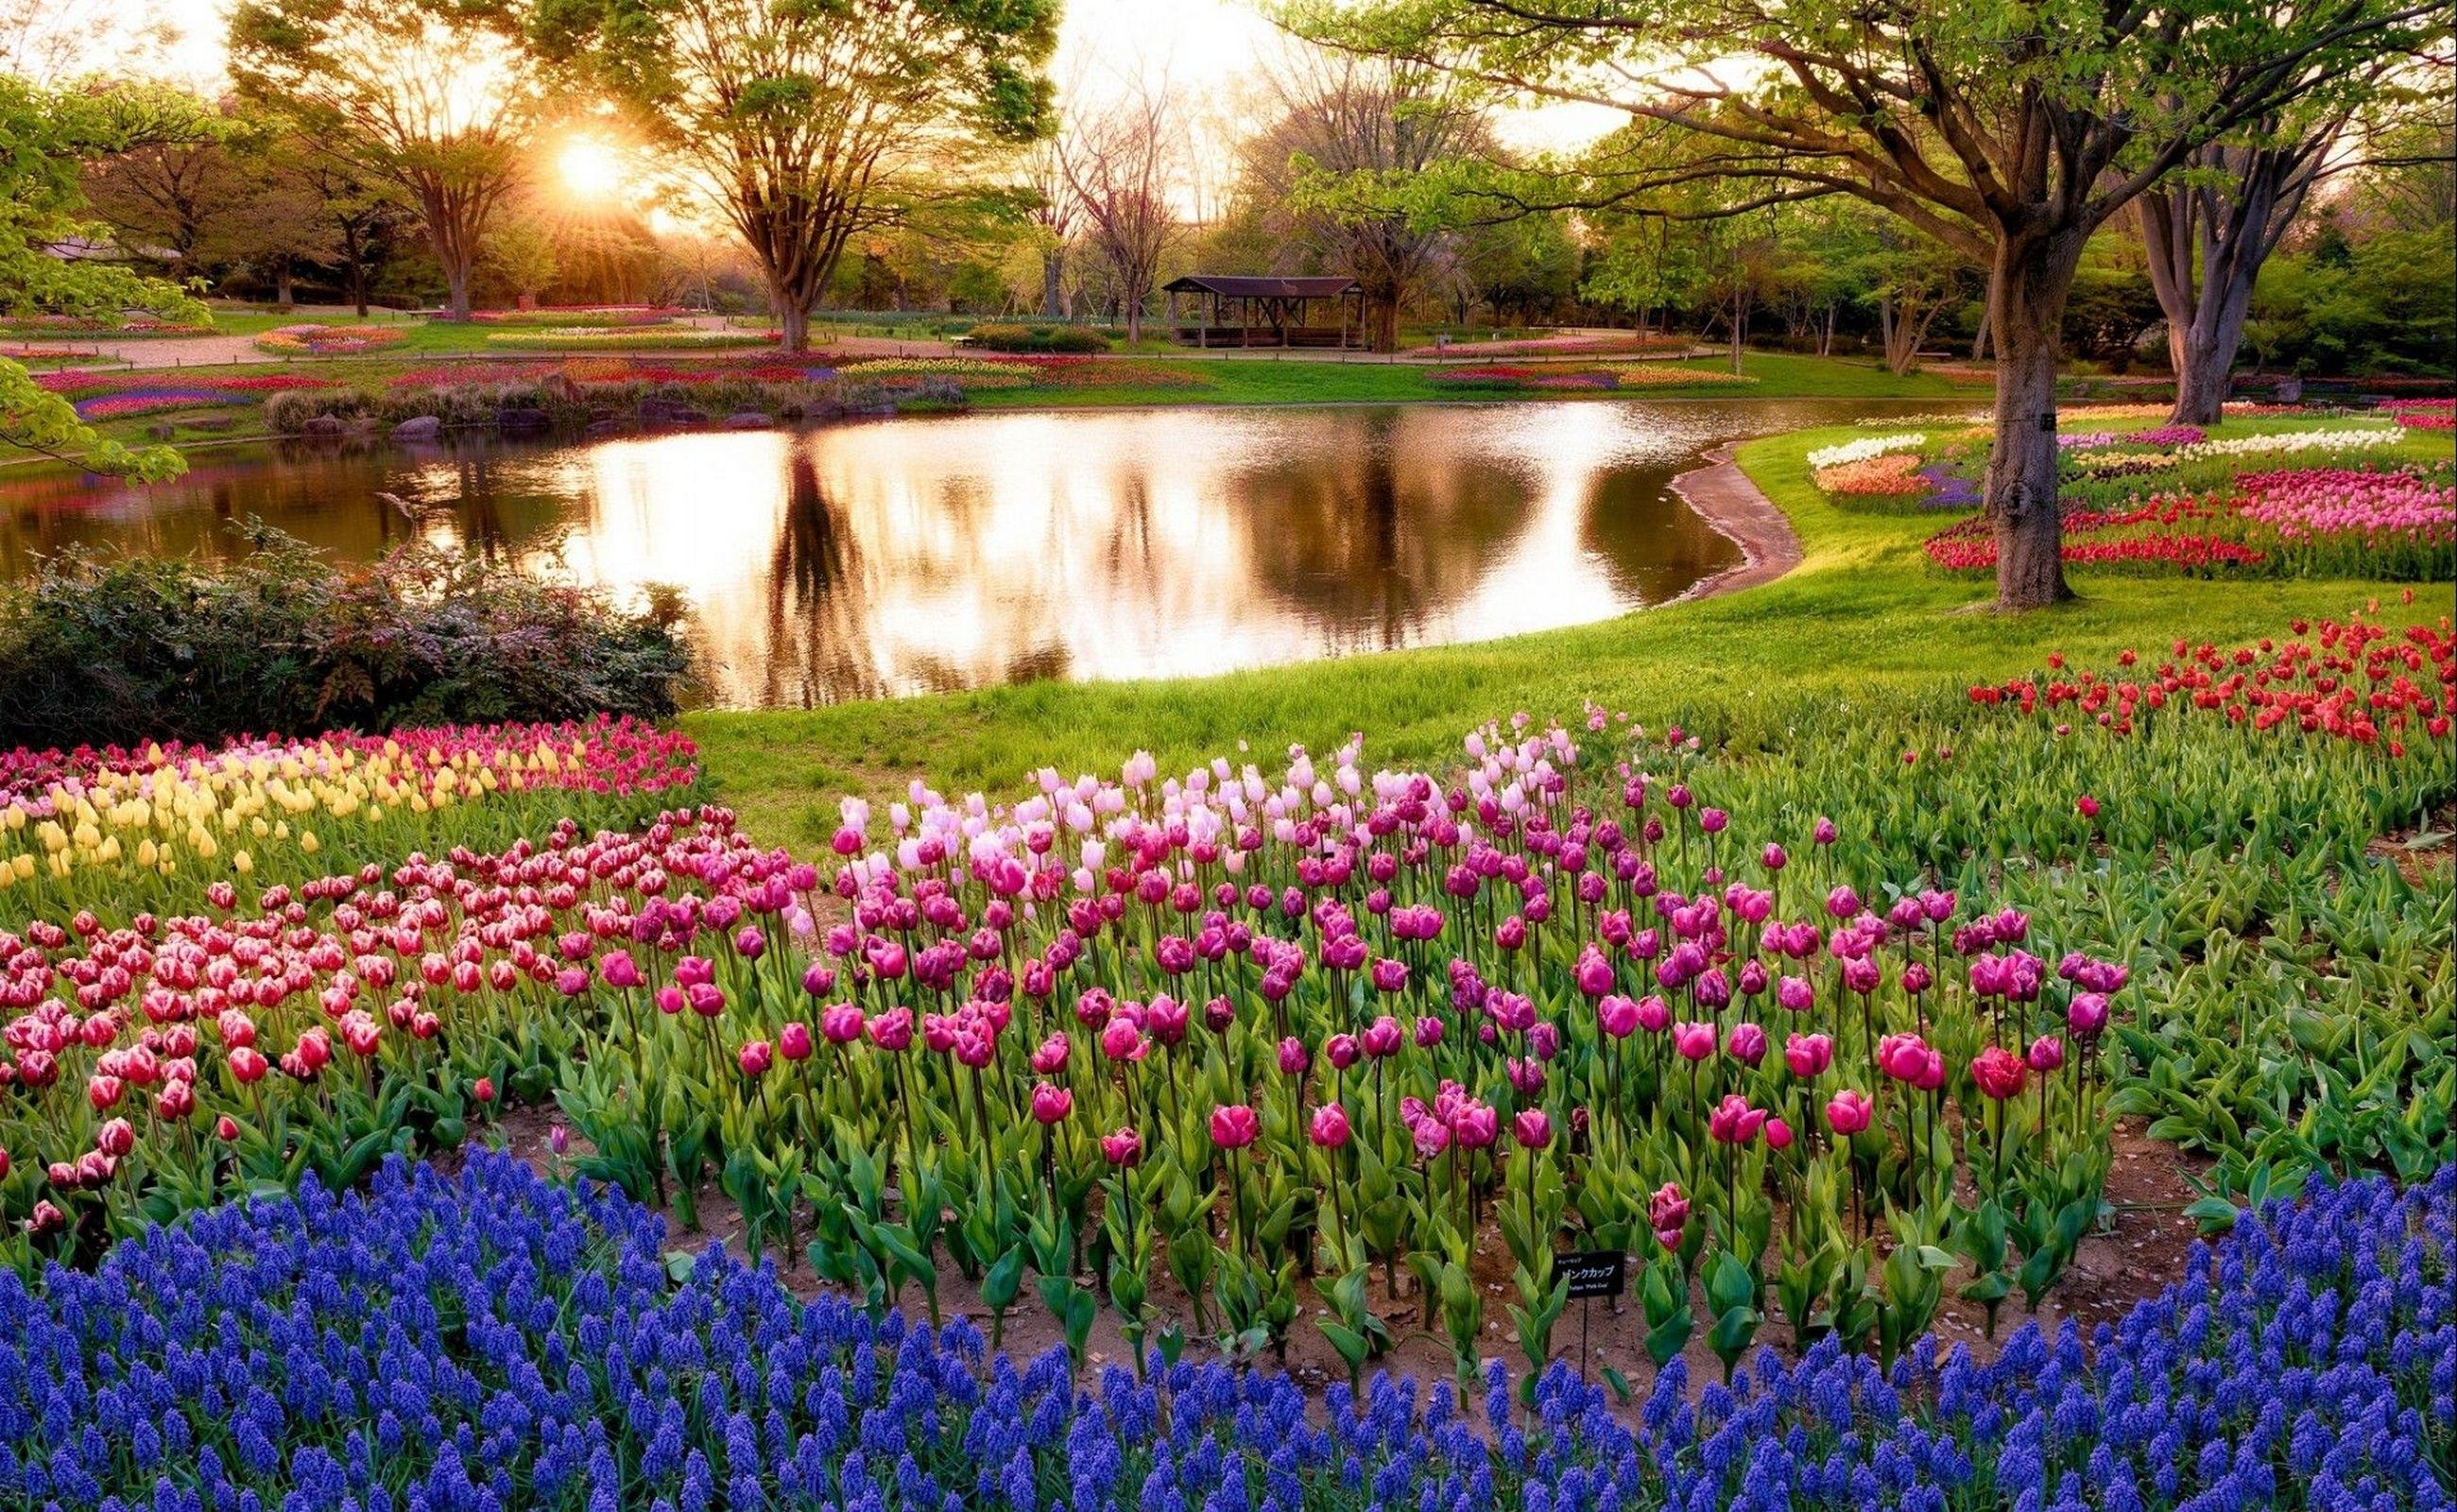 Fond D Ecran Lac La Nature Parc Tulipes Fleur Flore Prairie